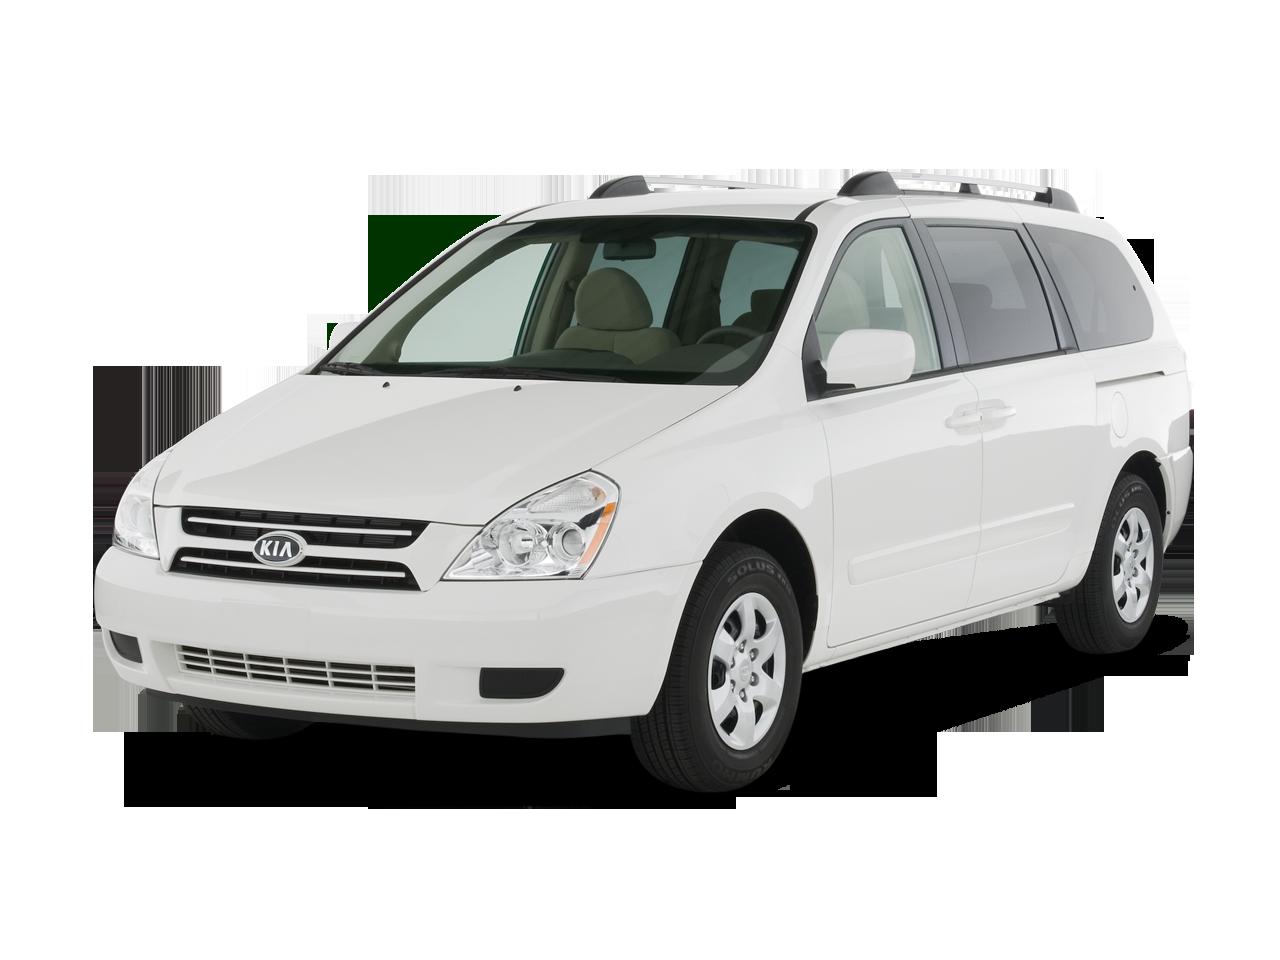 2007 Kia Sedona Minivan Review Amp Road Test Automobile Magazine